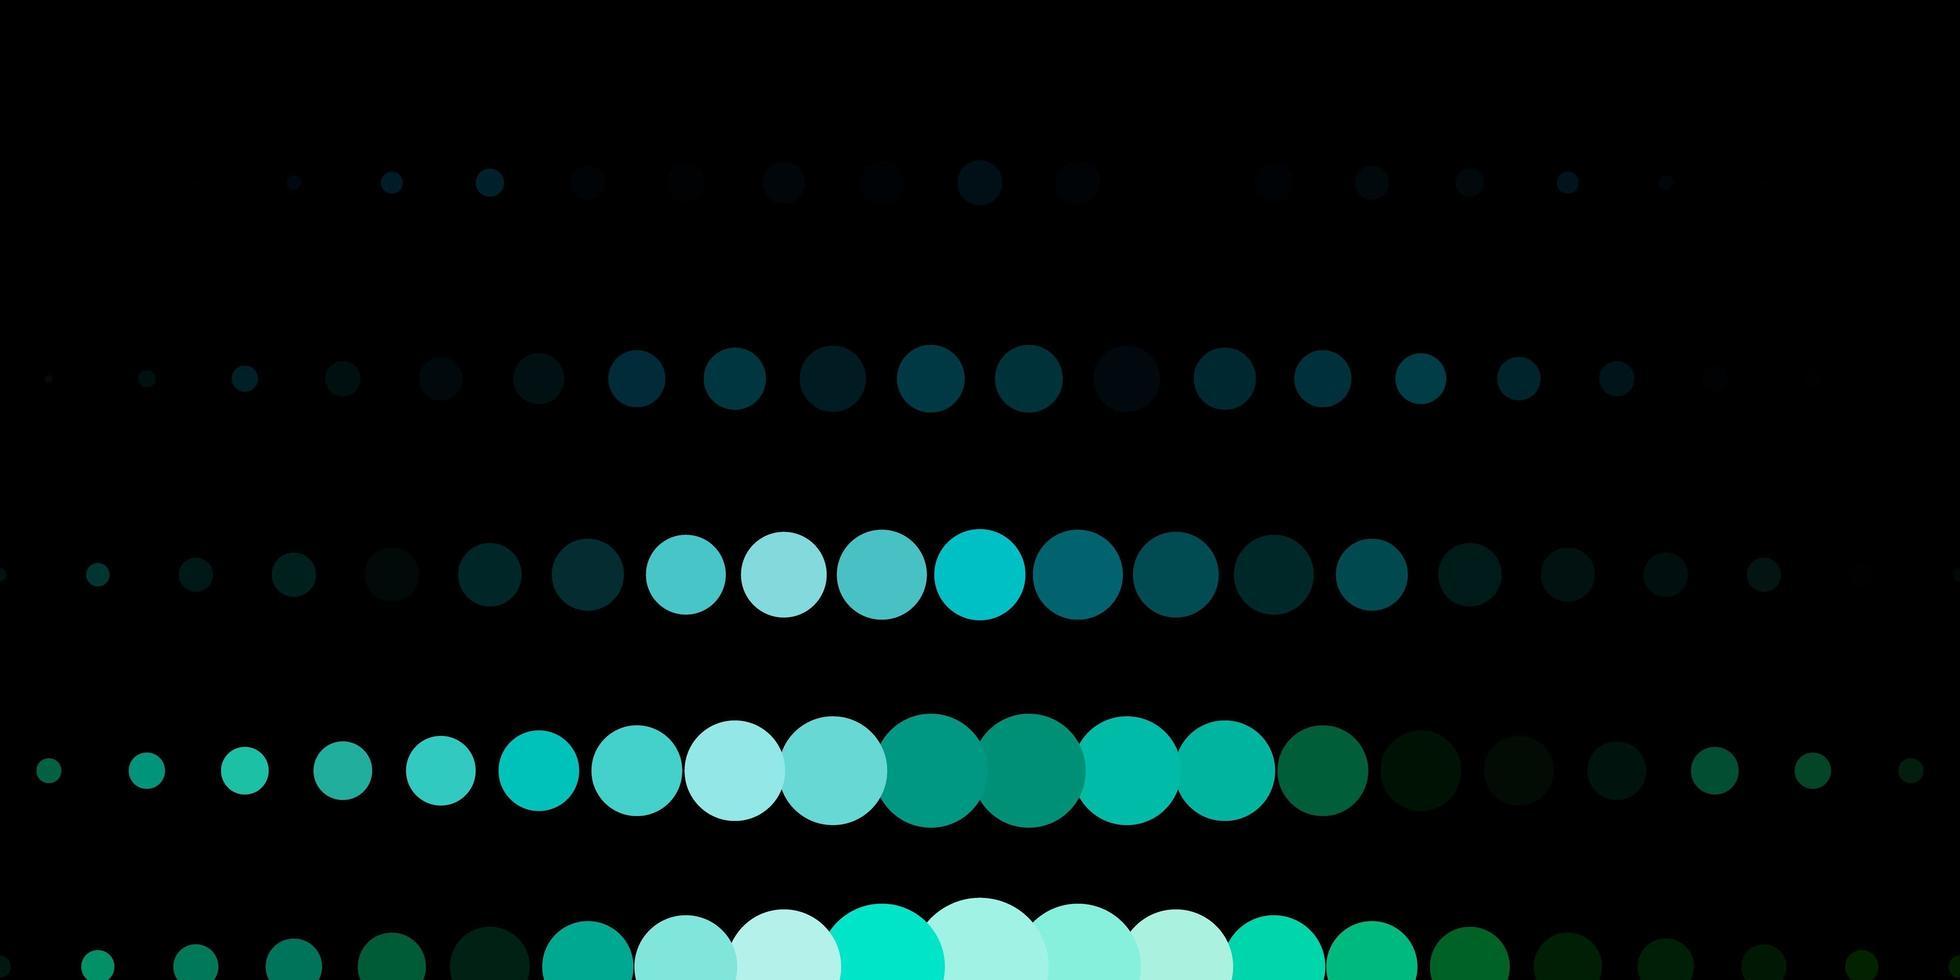 sfondo vettoriale blu scuro, verde con punti.